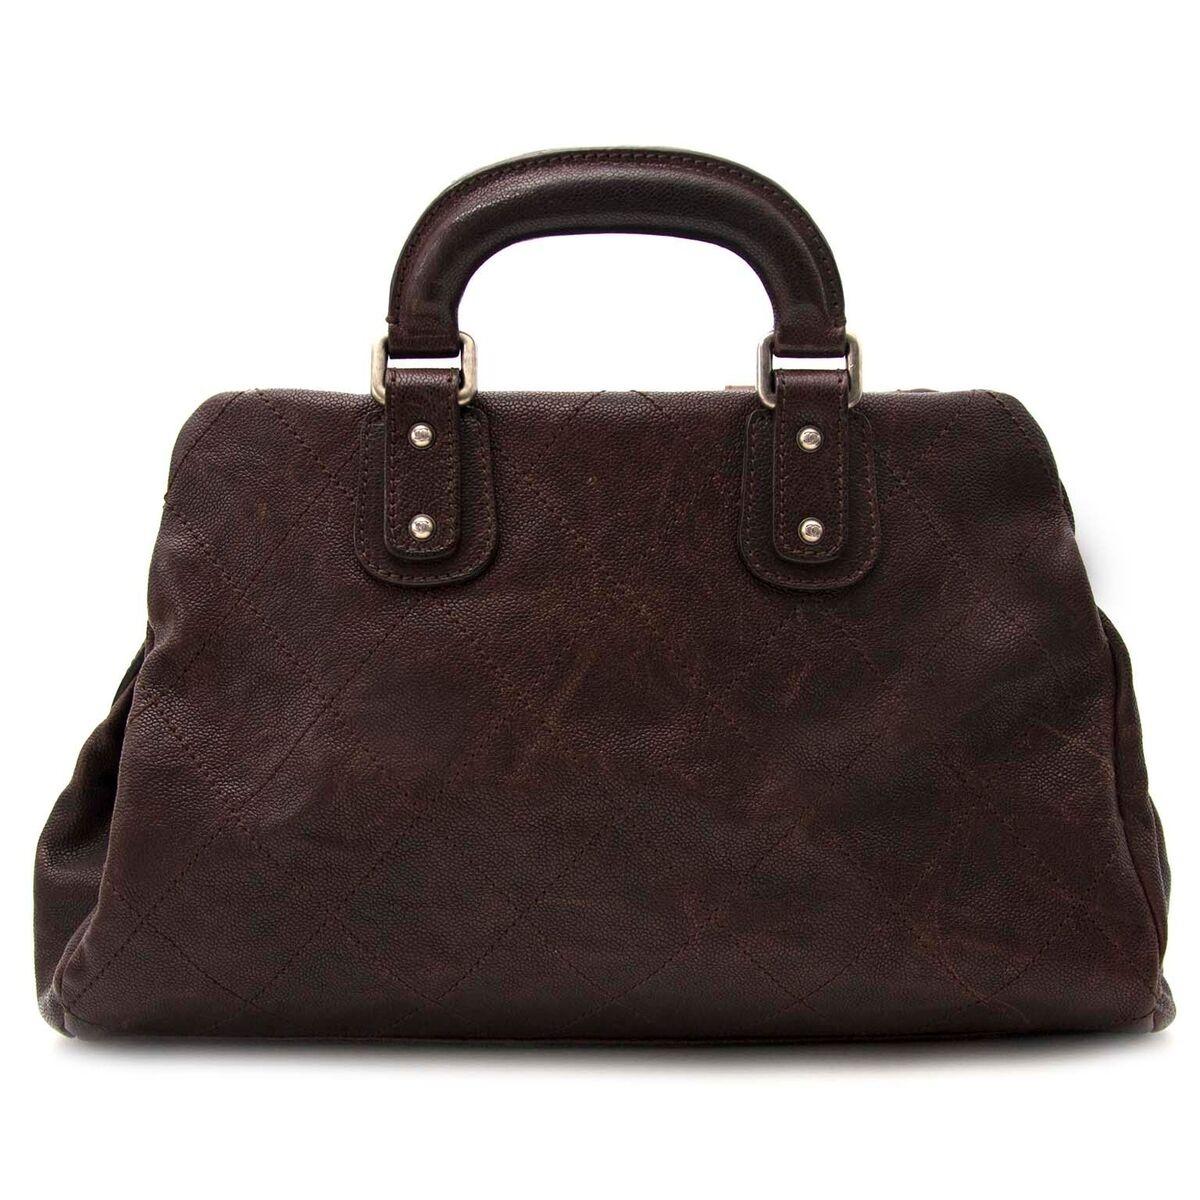 Koop authentieke tweedehands Chanel doctors bag aan een eerlijke prijs bij LabelLOV. Veilig online shoppen